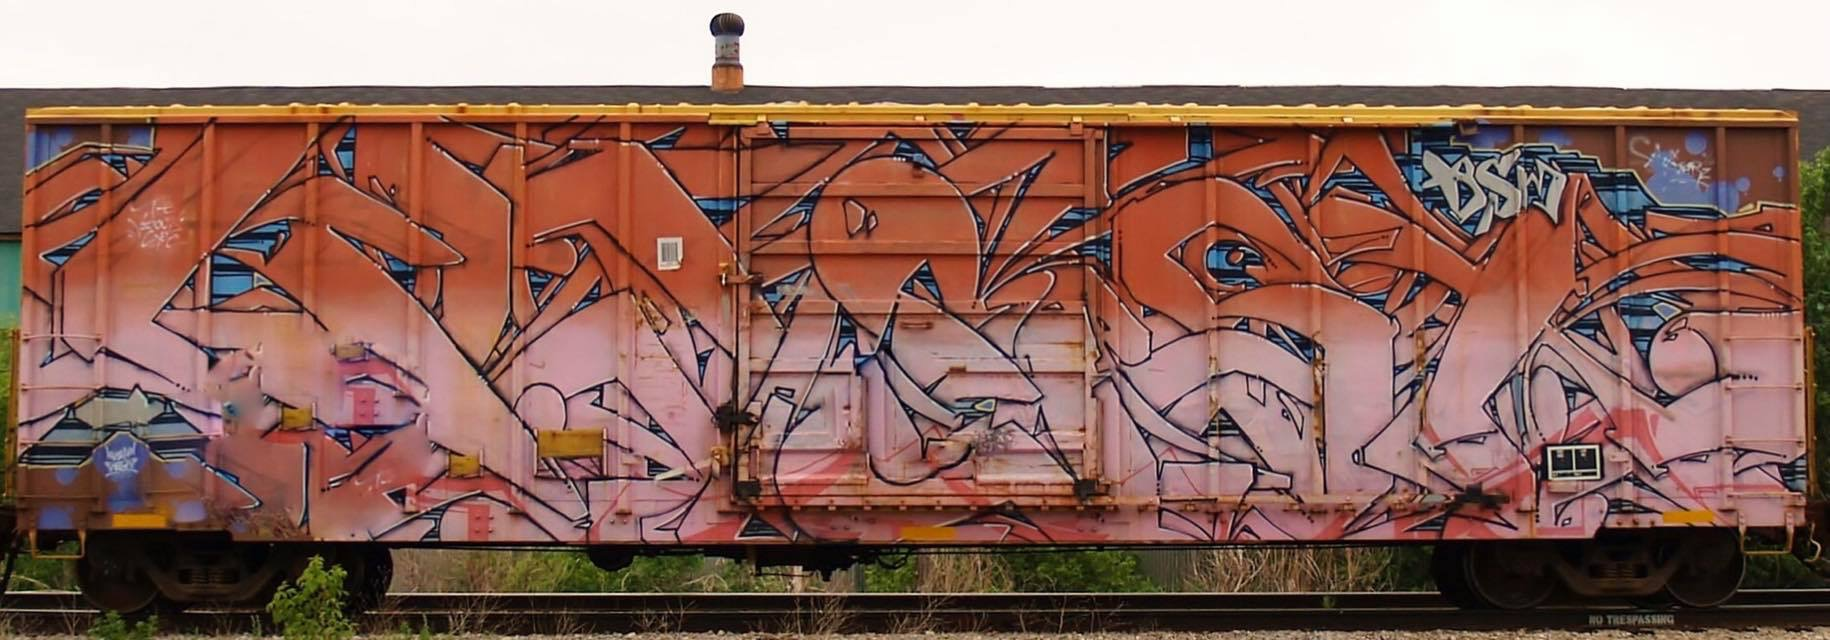 7E406E8B-1984-457E-B800-433172D495BA.jpeg